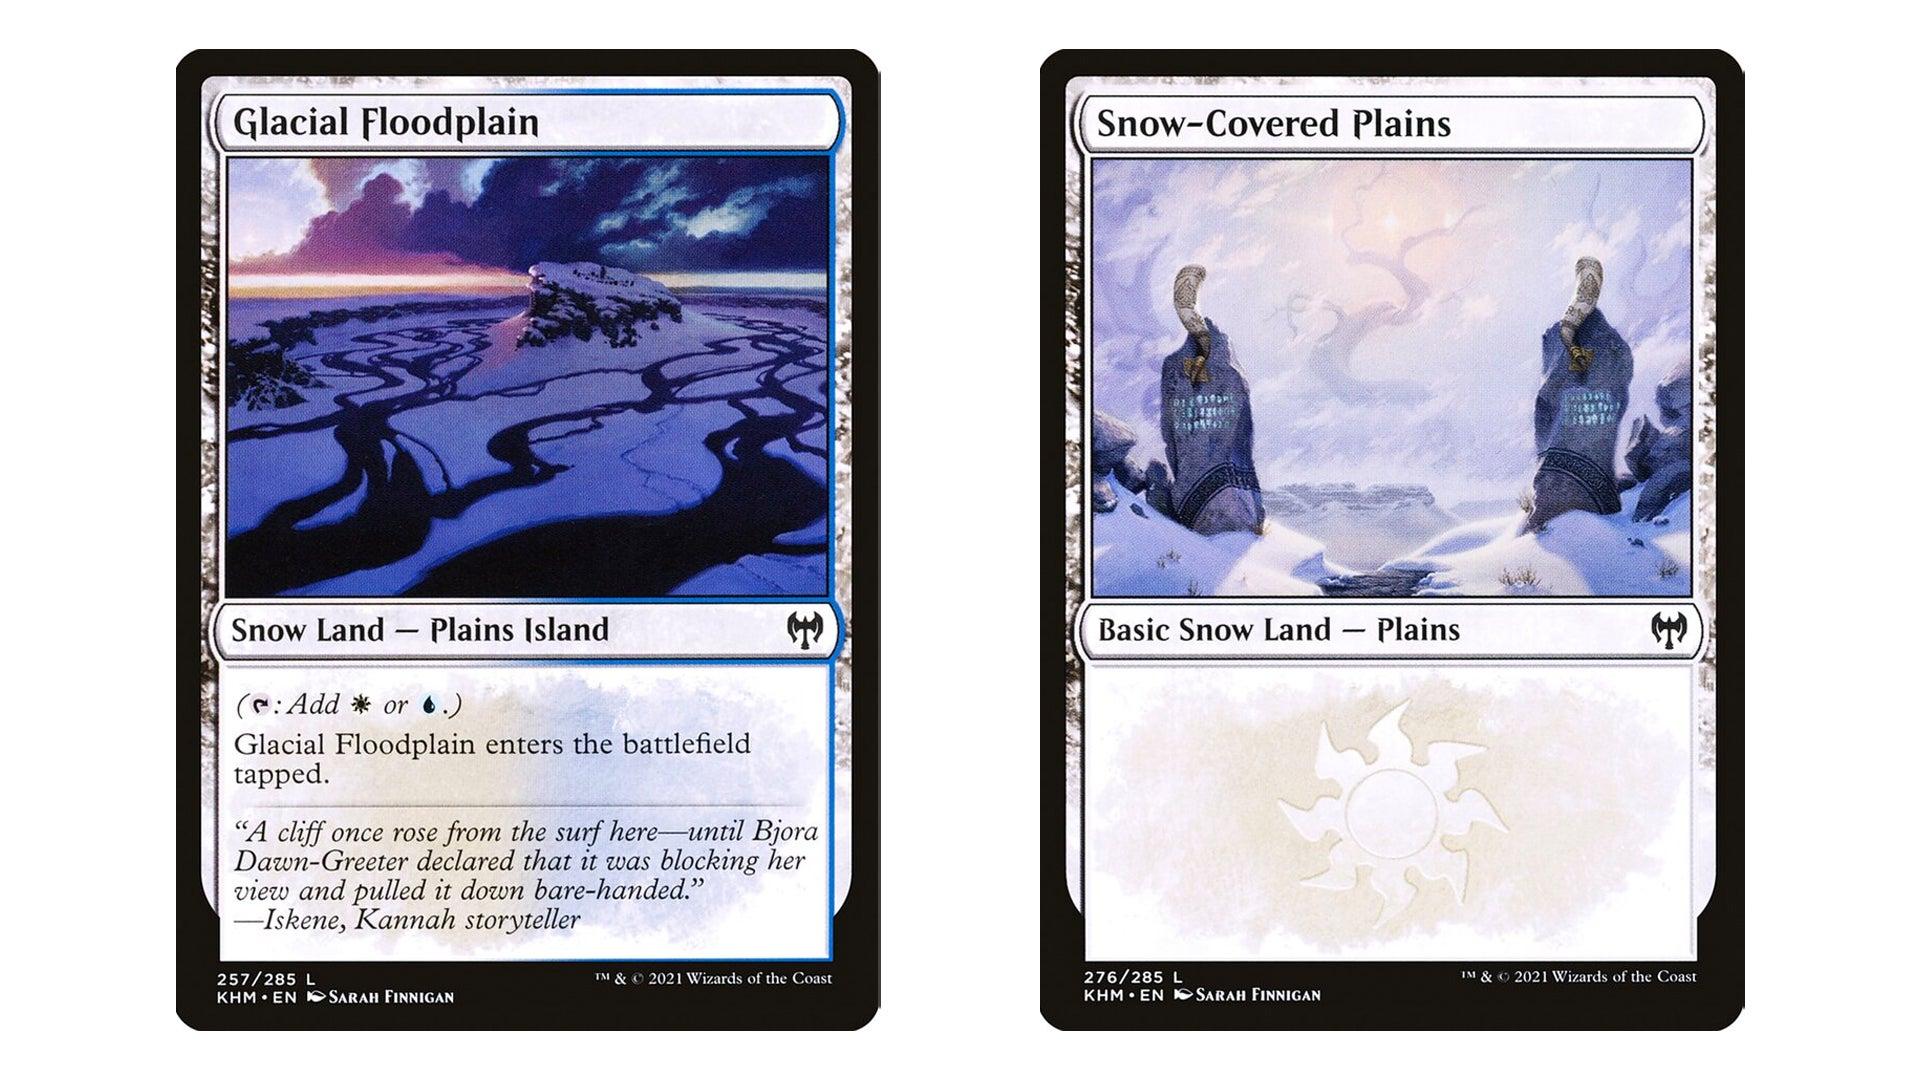 mtg-cards-glacial-floodplain-snow-covered-plains.jpg